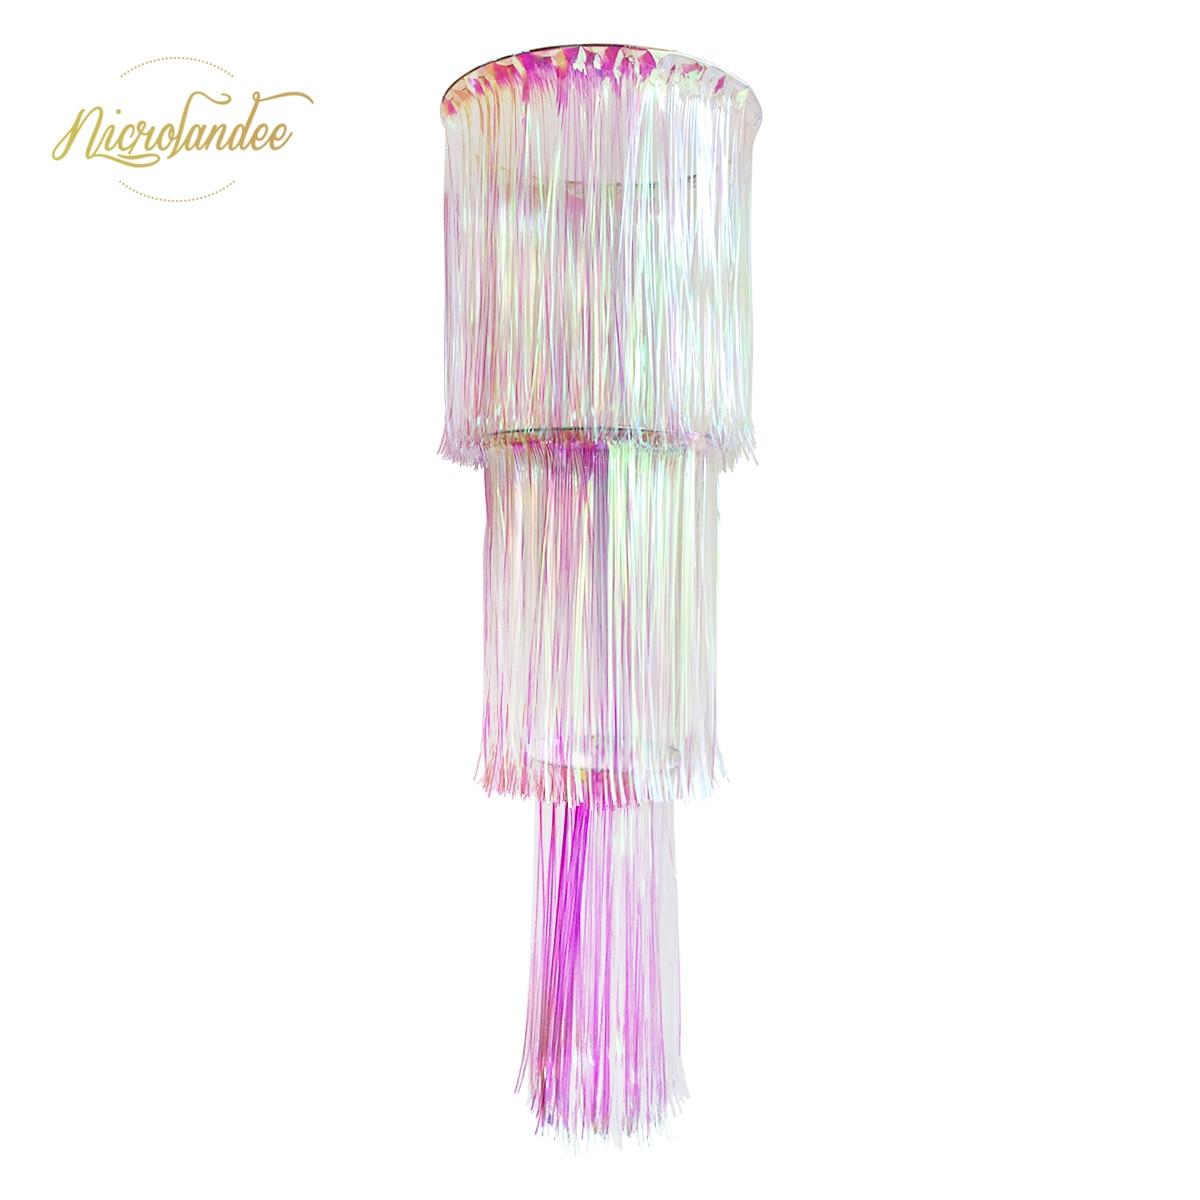 NICROLANDEE 3-camada Iridescente Rainbow Folha Chandelier Chuva Cortina Pendurado Impressionante Prom Party Decor Decoração